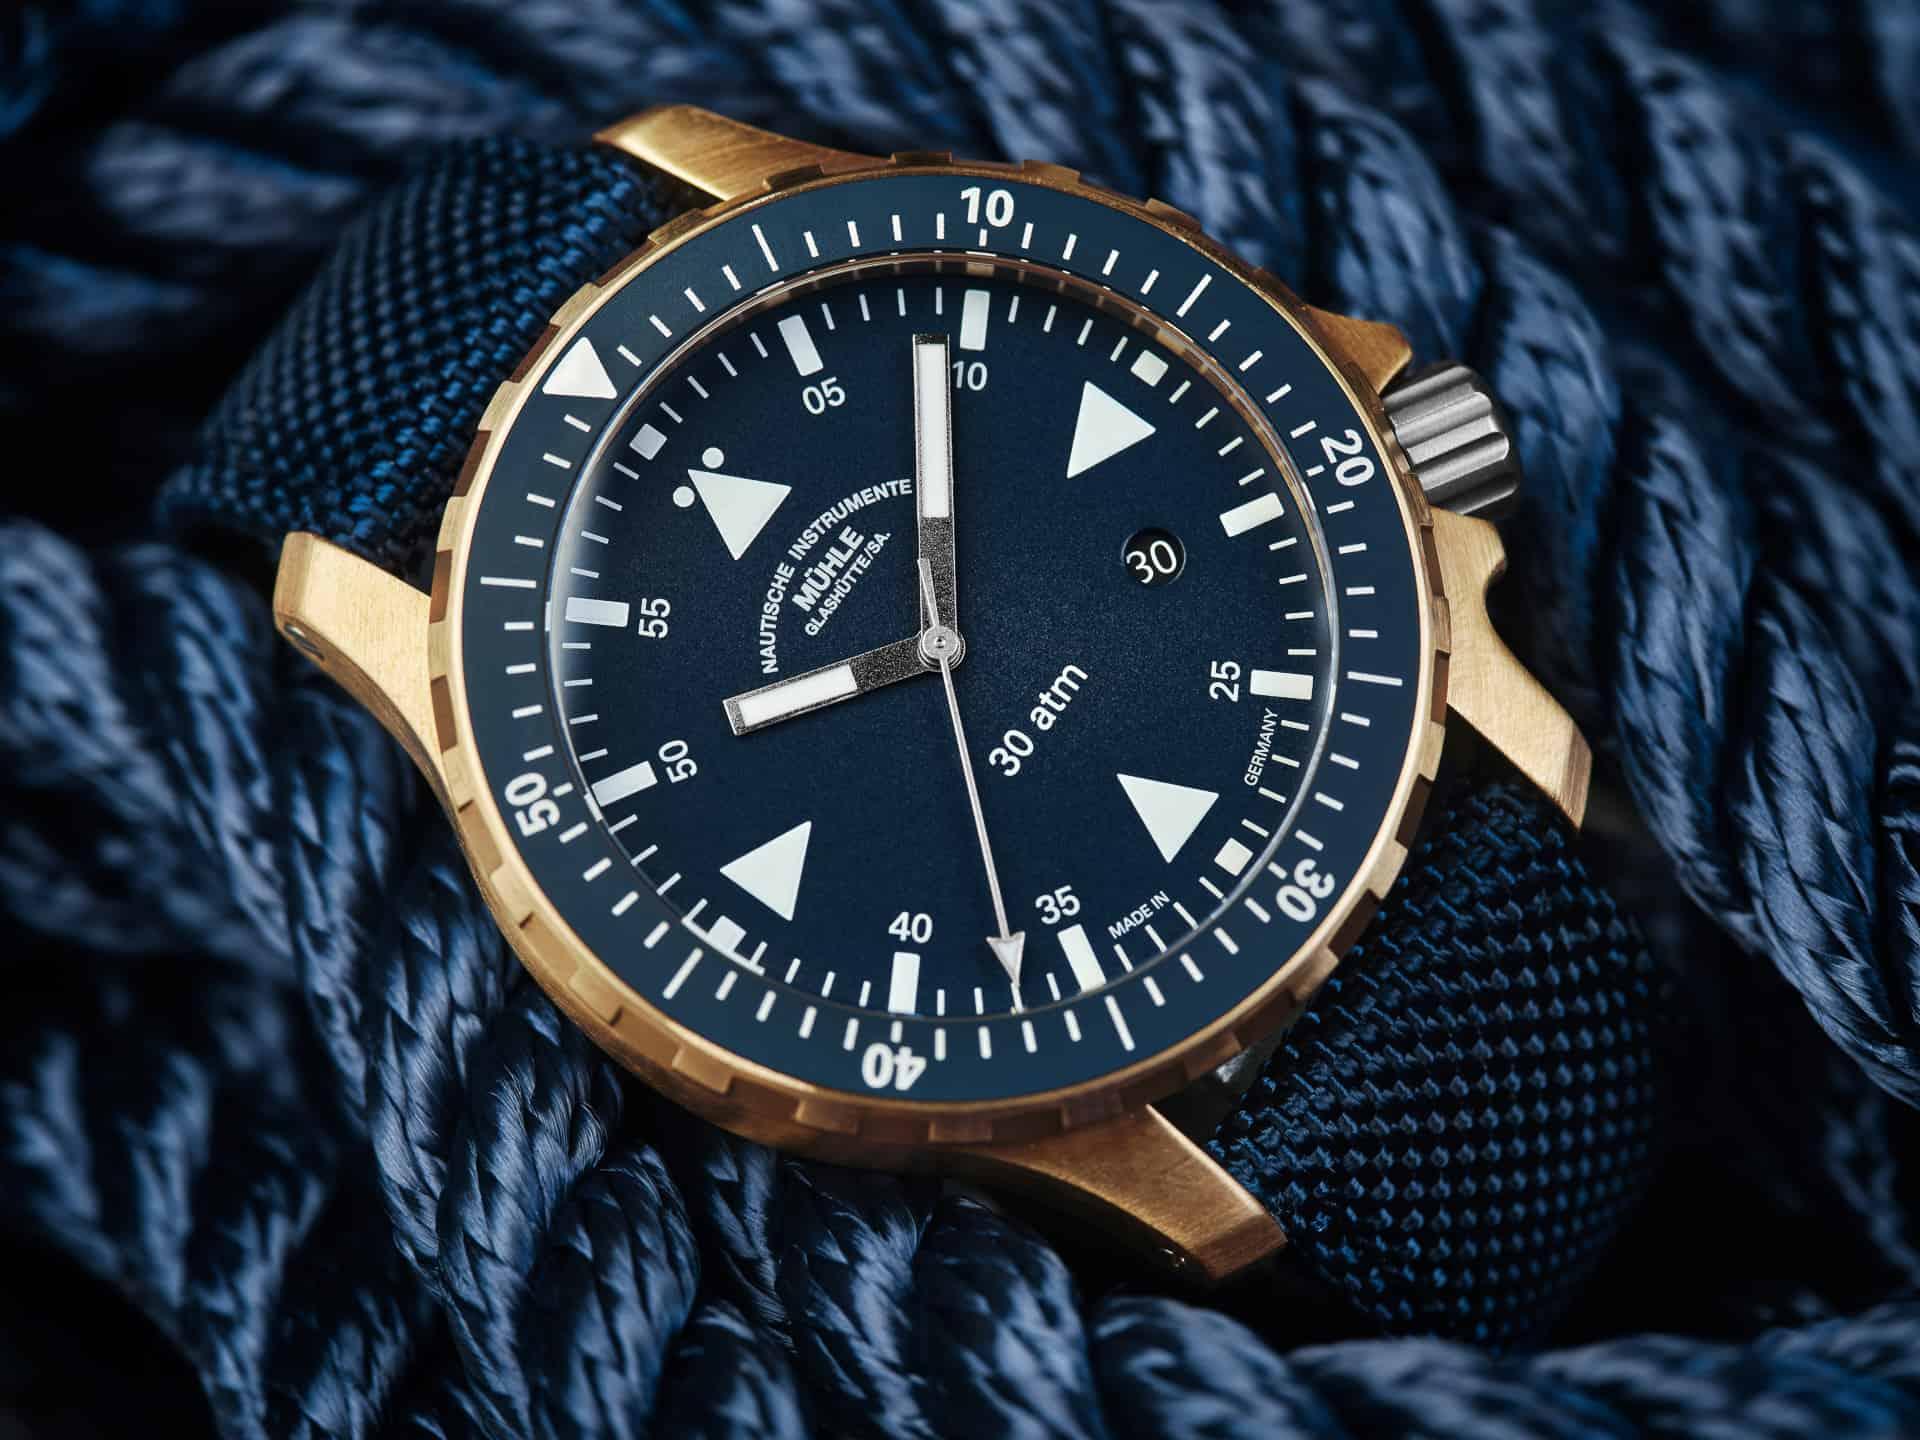 Sportlich und maritim - das ist das Design der Mühle Glashütte Yacht-Timer mit Bronze-Gehäuse. Für 2.400 Euro gibt es viel Uhr für das Geld, überdies besteht eine Limitierung auf 500 Exemplar.